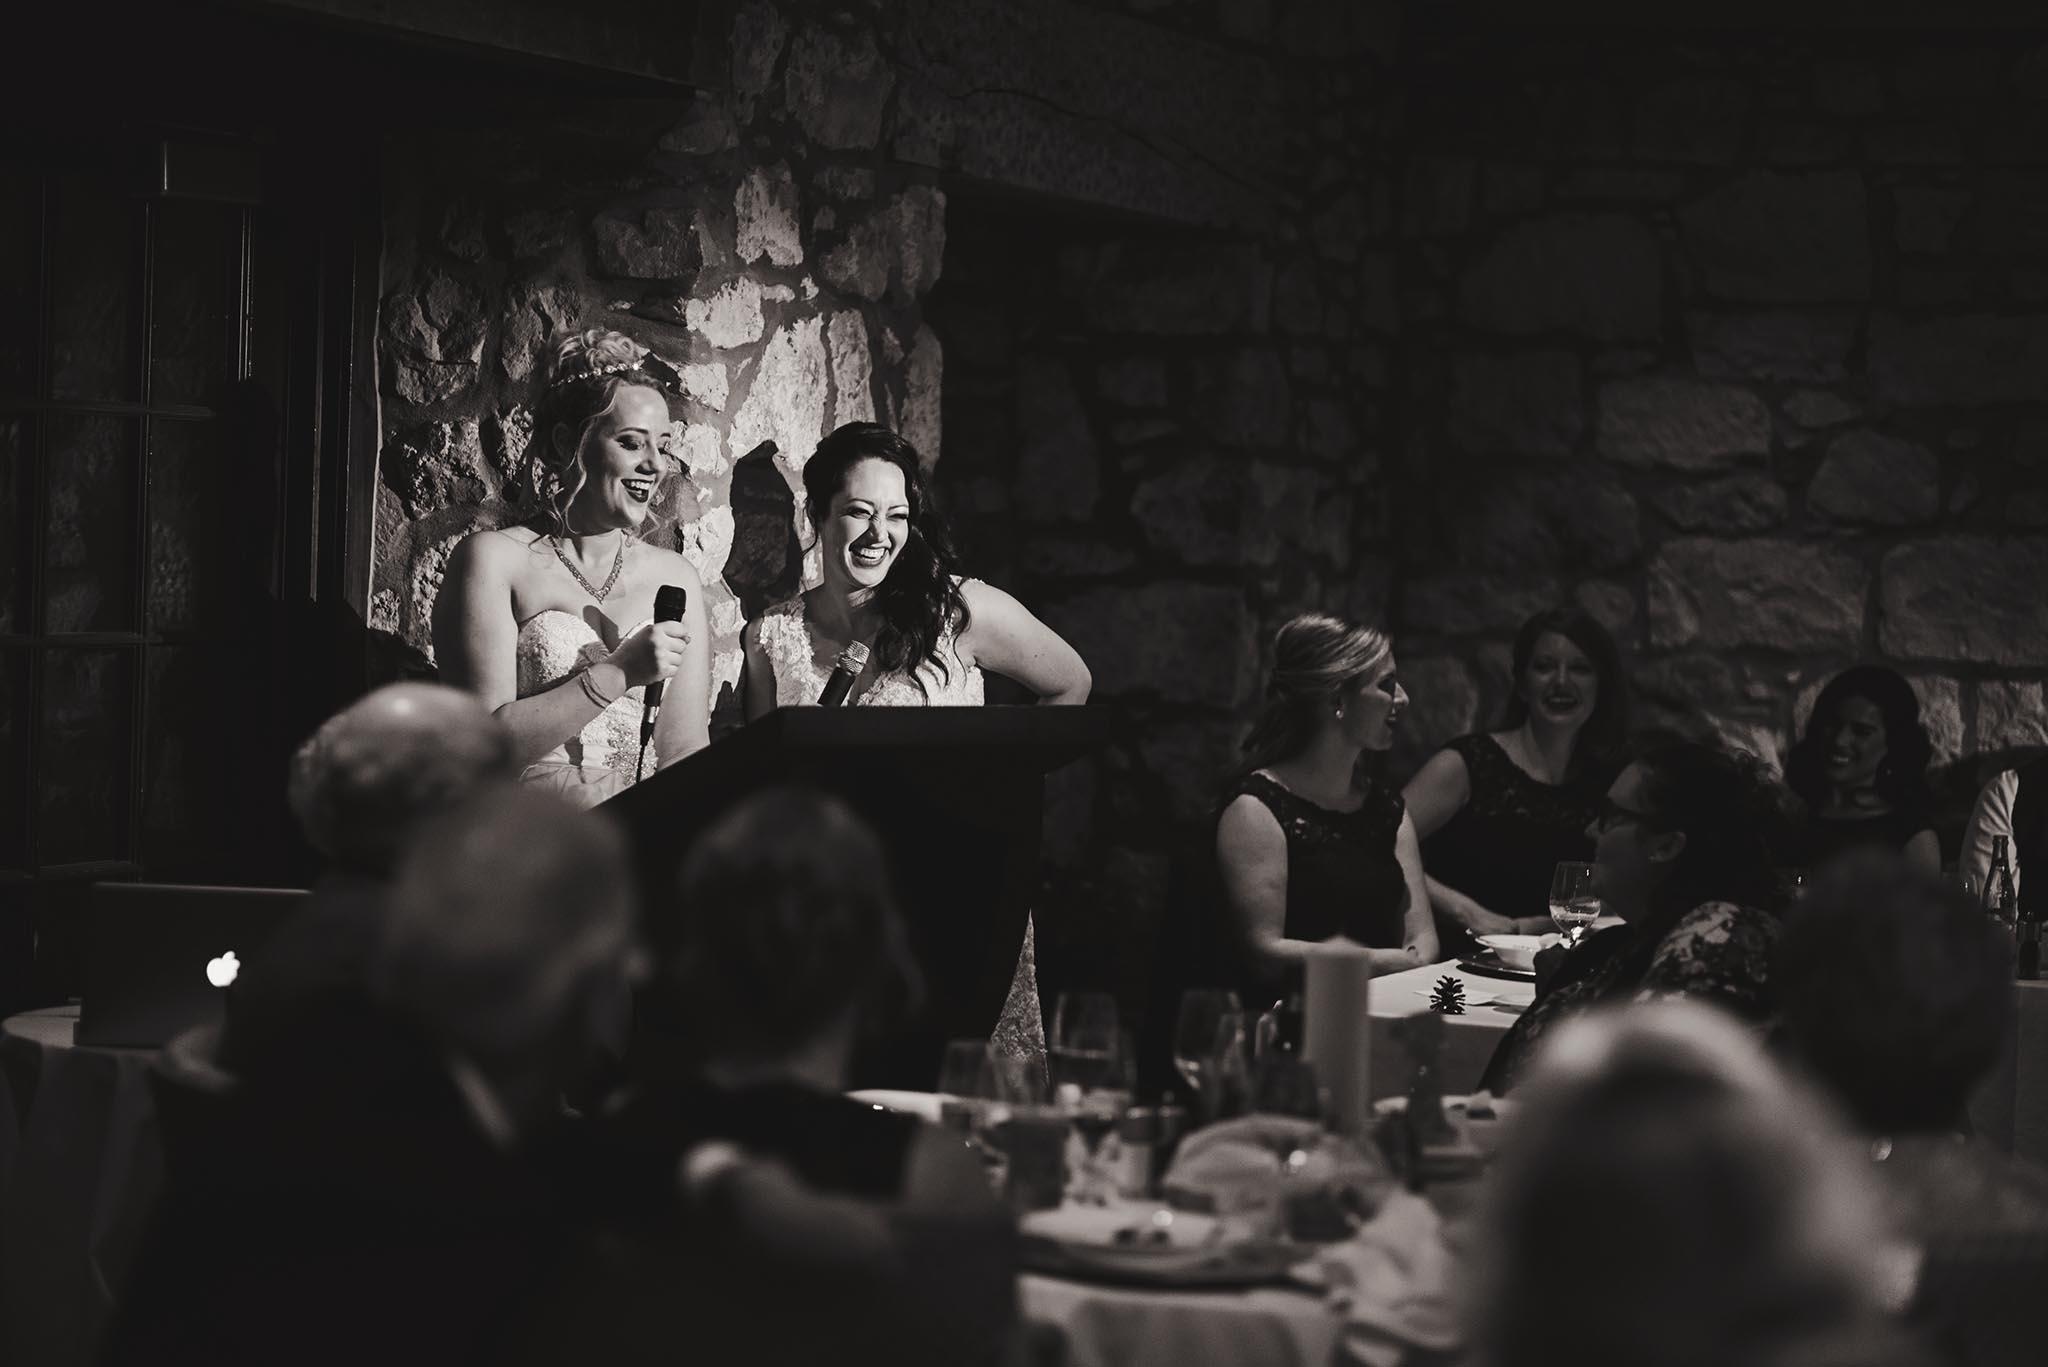 Peter-Bendevis-Photography-Kris-Laura-Cambridge-Mill-Winter-Wedding33